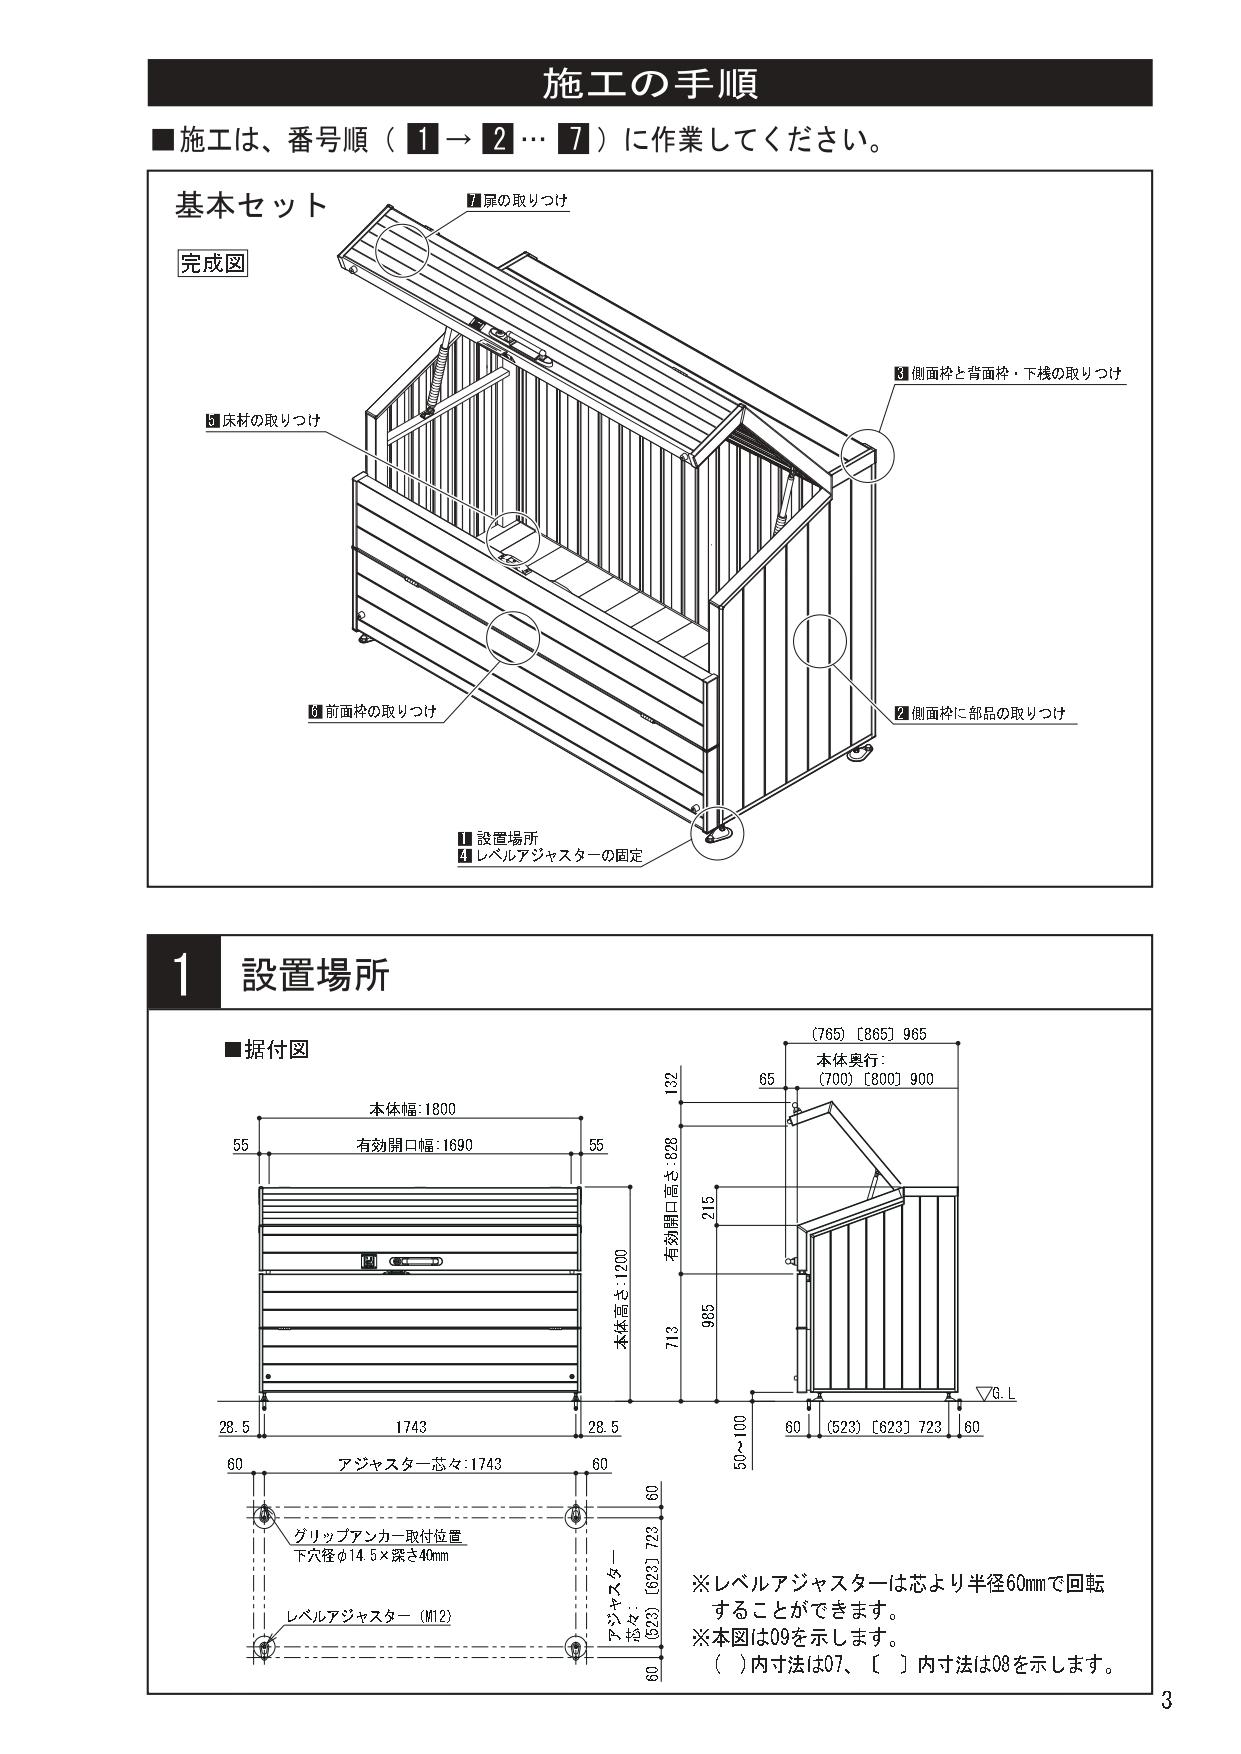 ゴミストッカーWP1型 施工説明書_page-0003